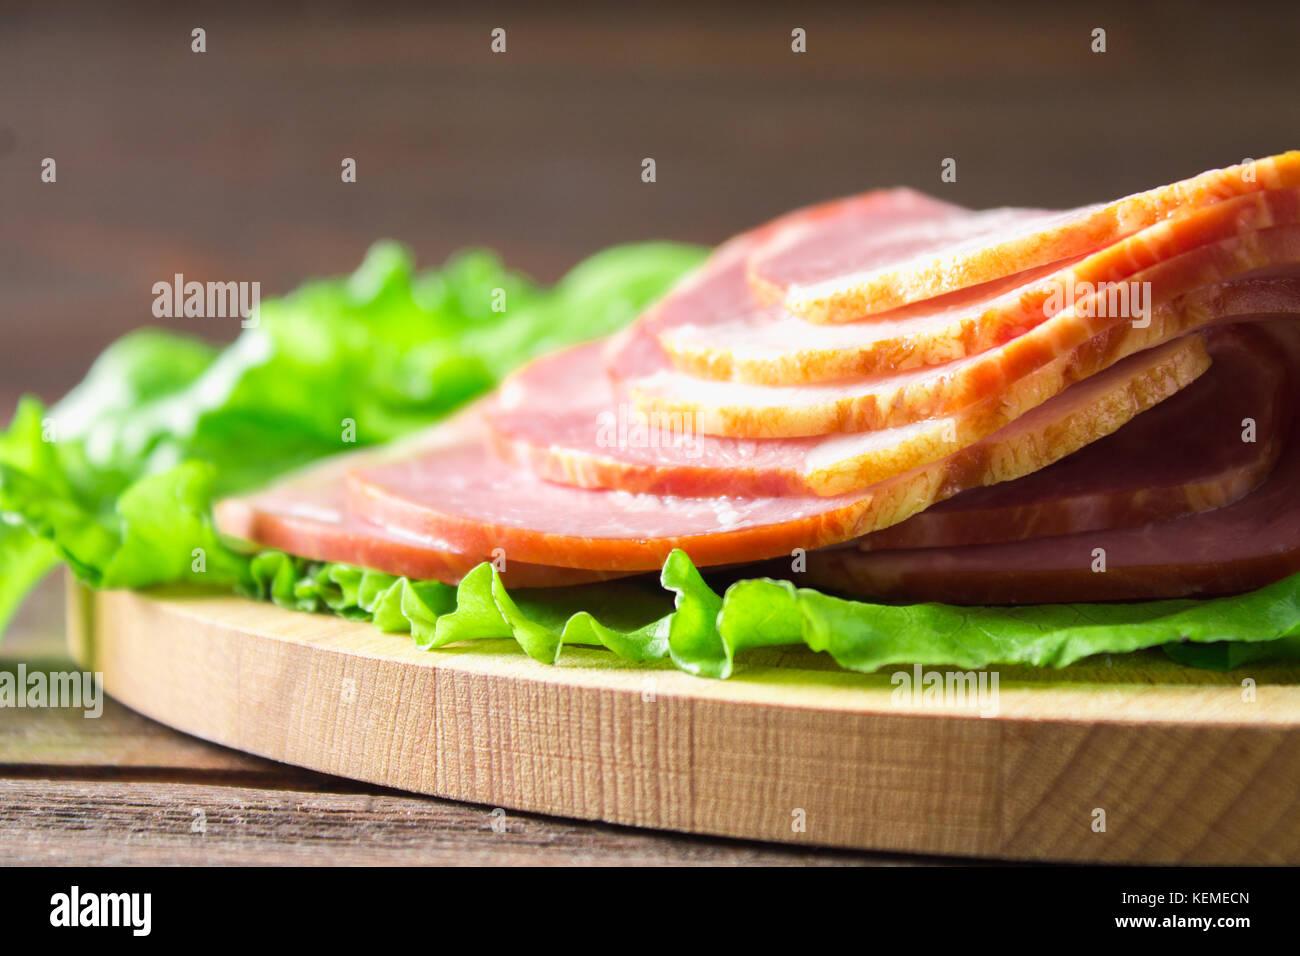 Schinken mit frischen grünen Salatblätter auf einem runden Schneidebrett. Fleischerzeugnisse auf braunem Stockbild